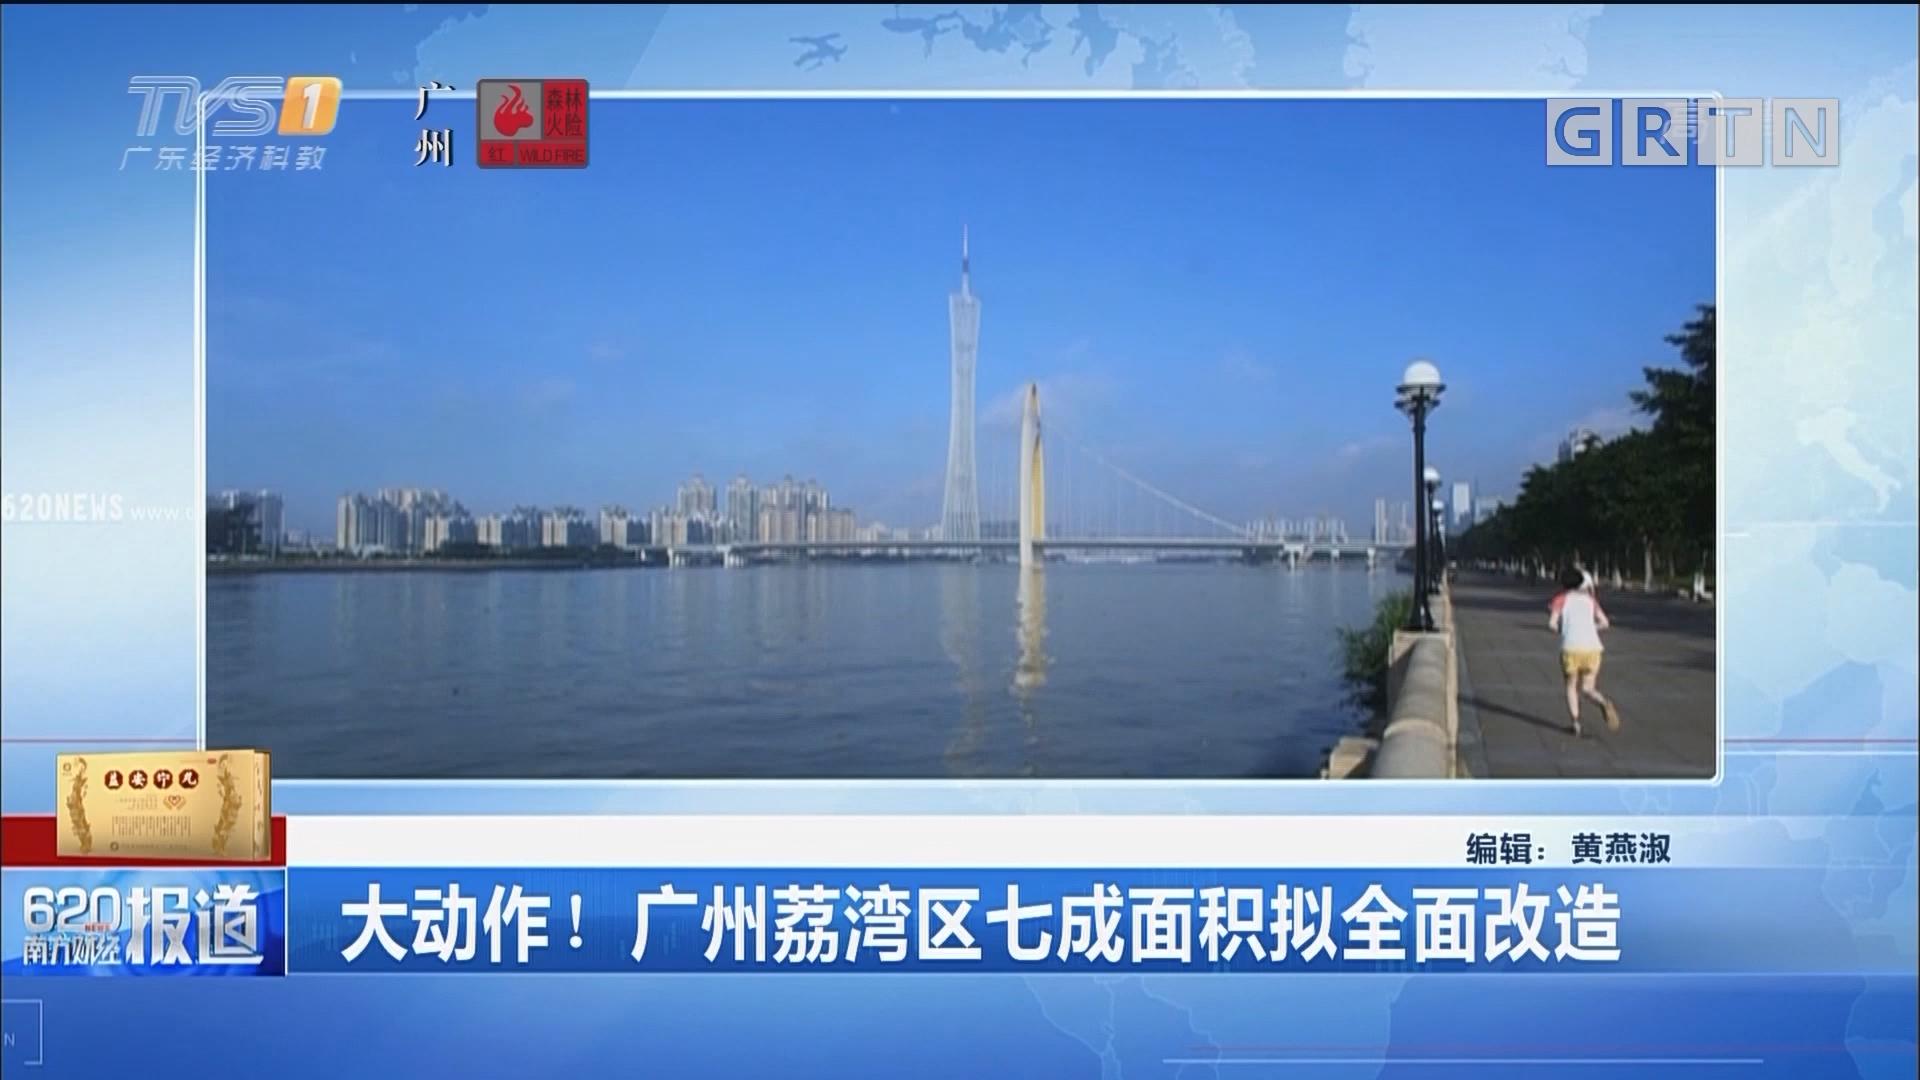 大动作!广州荔湾区七成面积拟全面改造